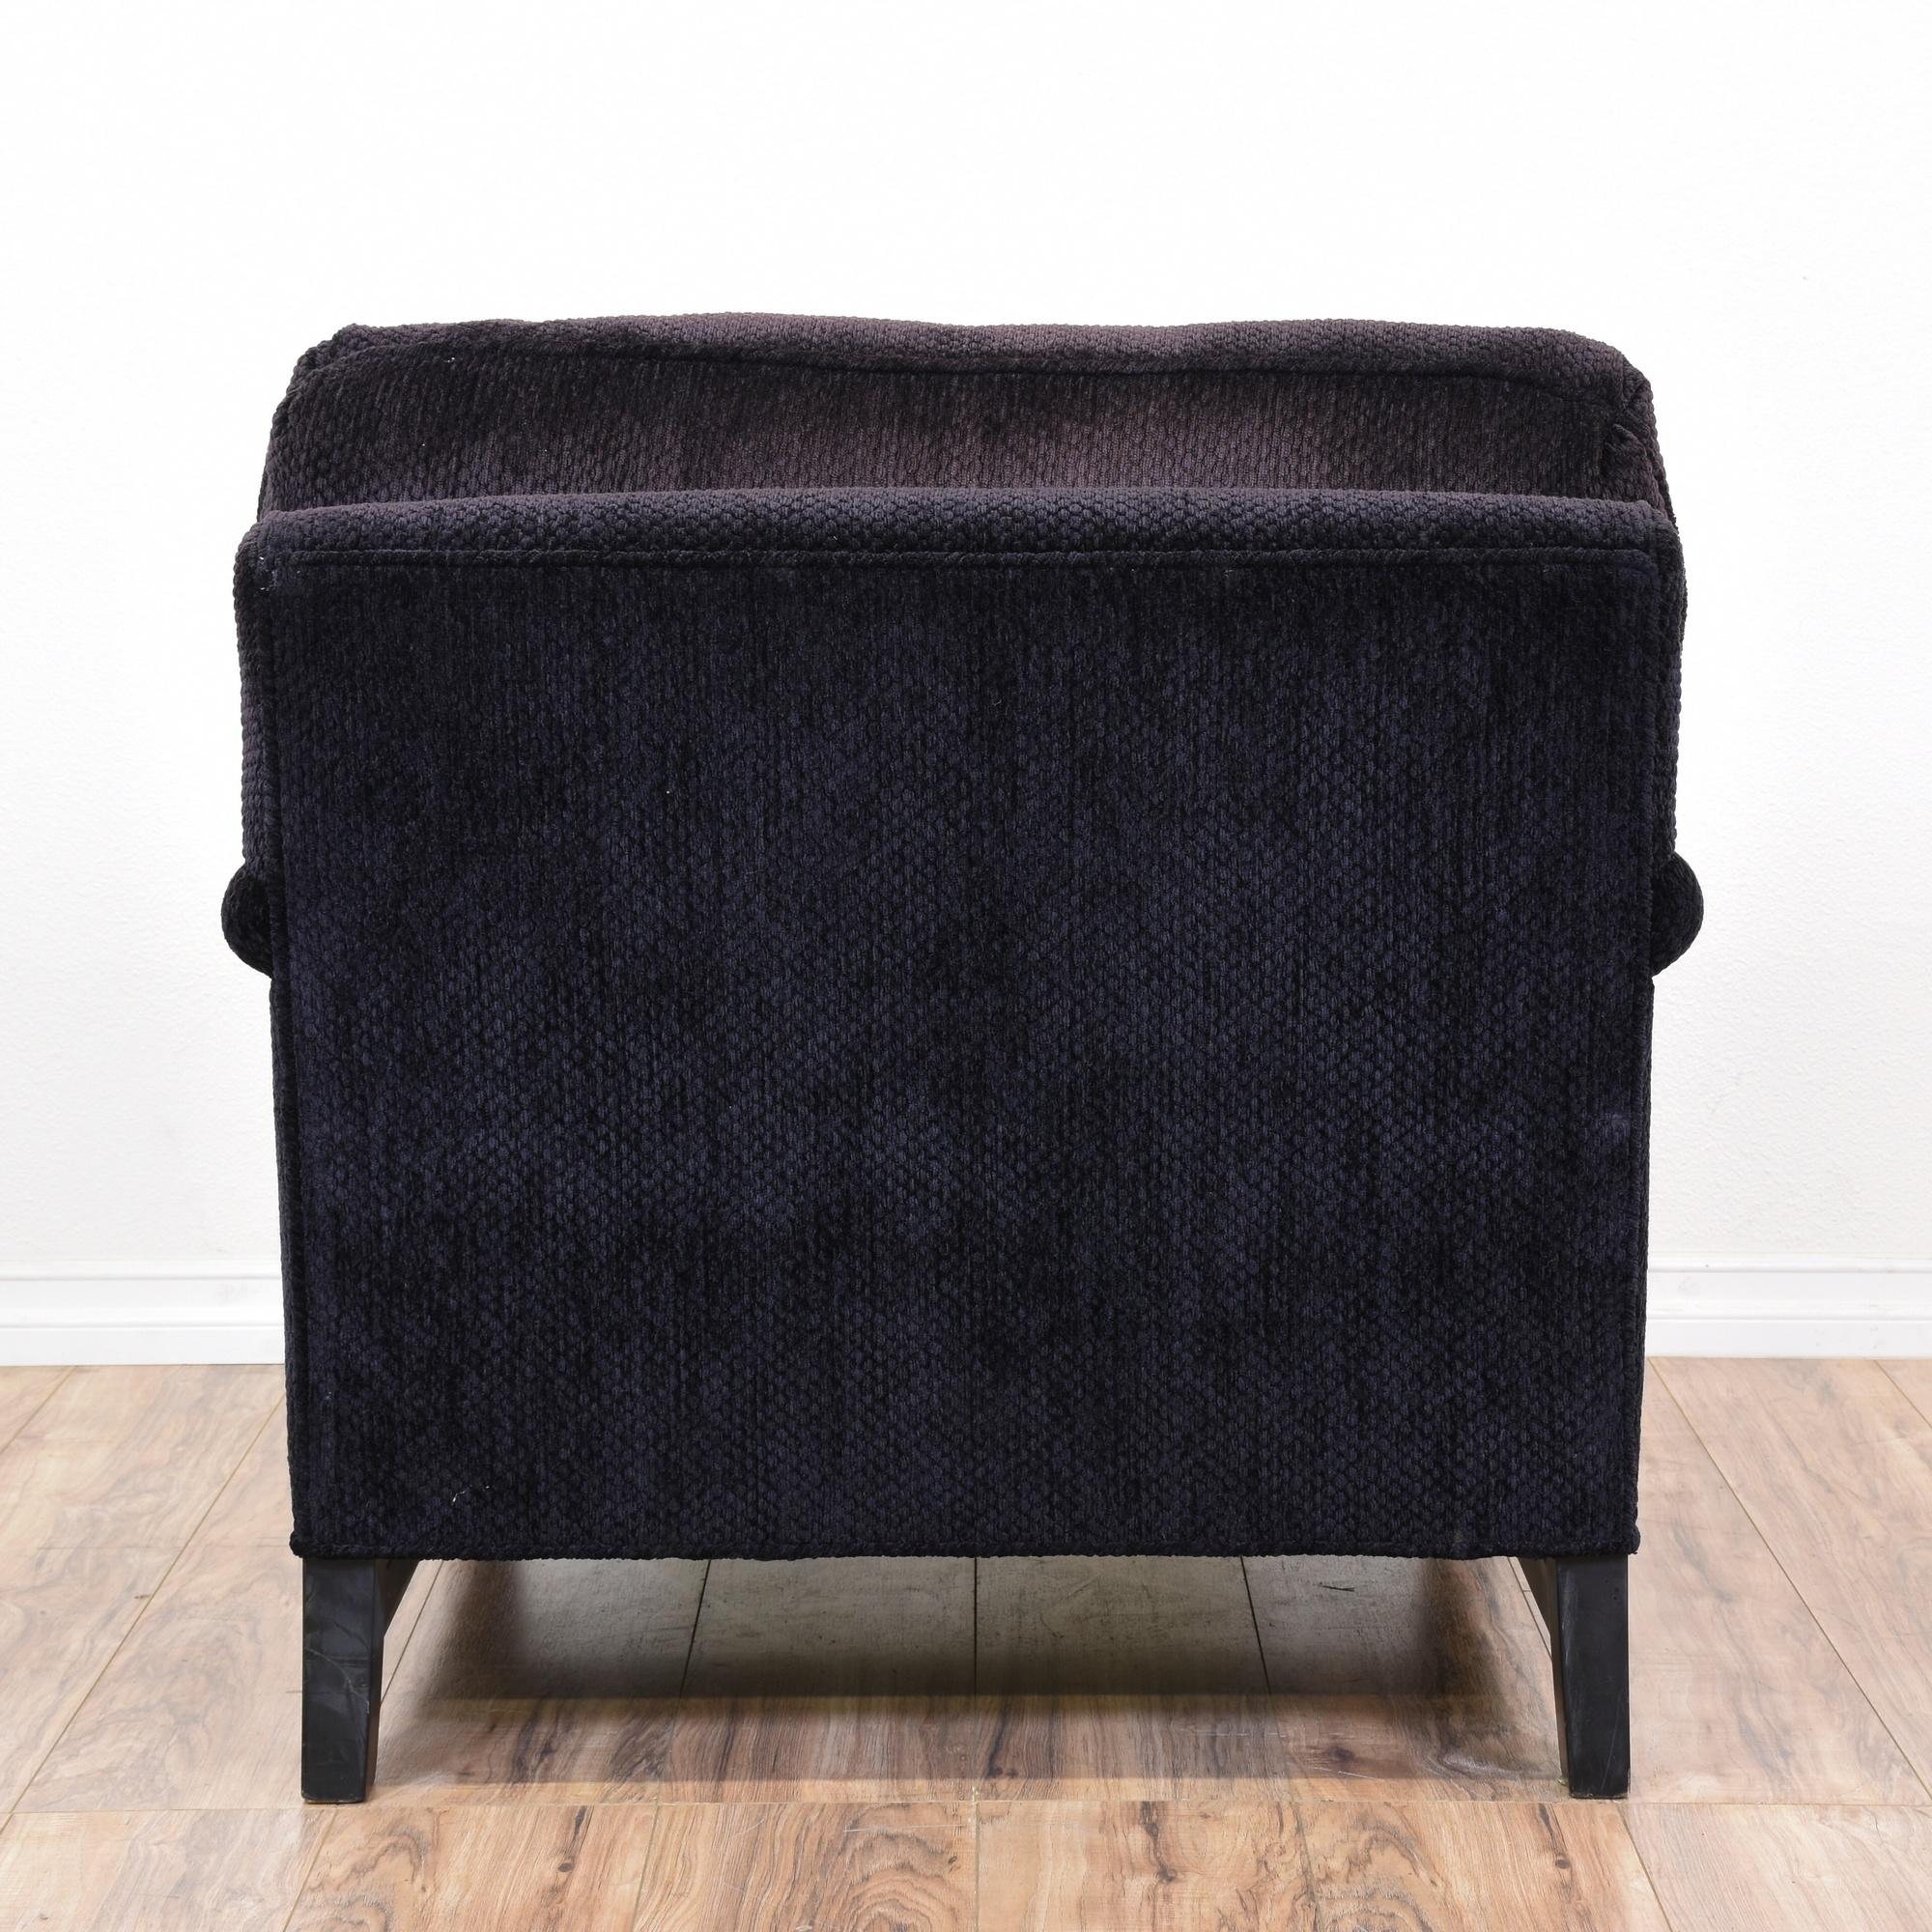 Dark Purple Upholstered Armchair & Ottoman